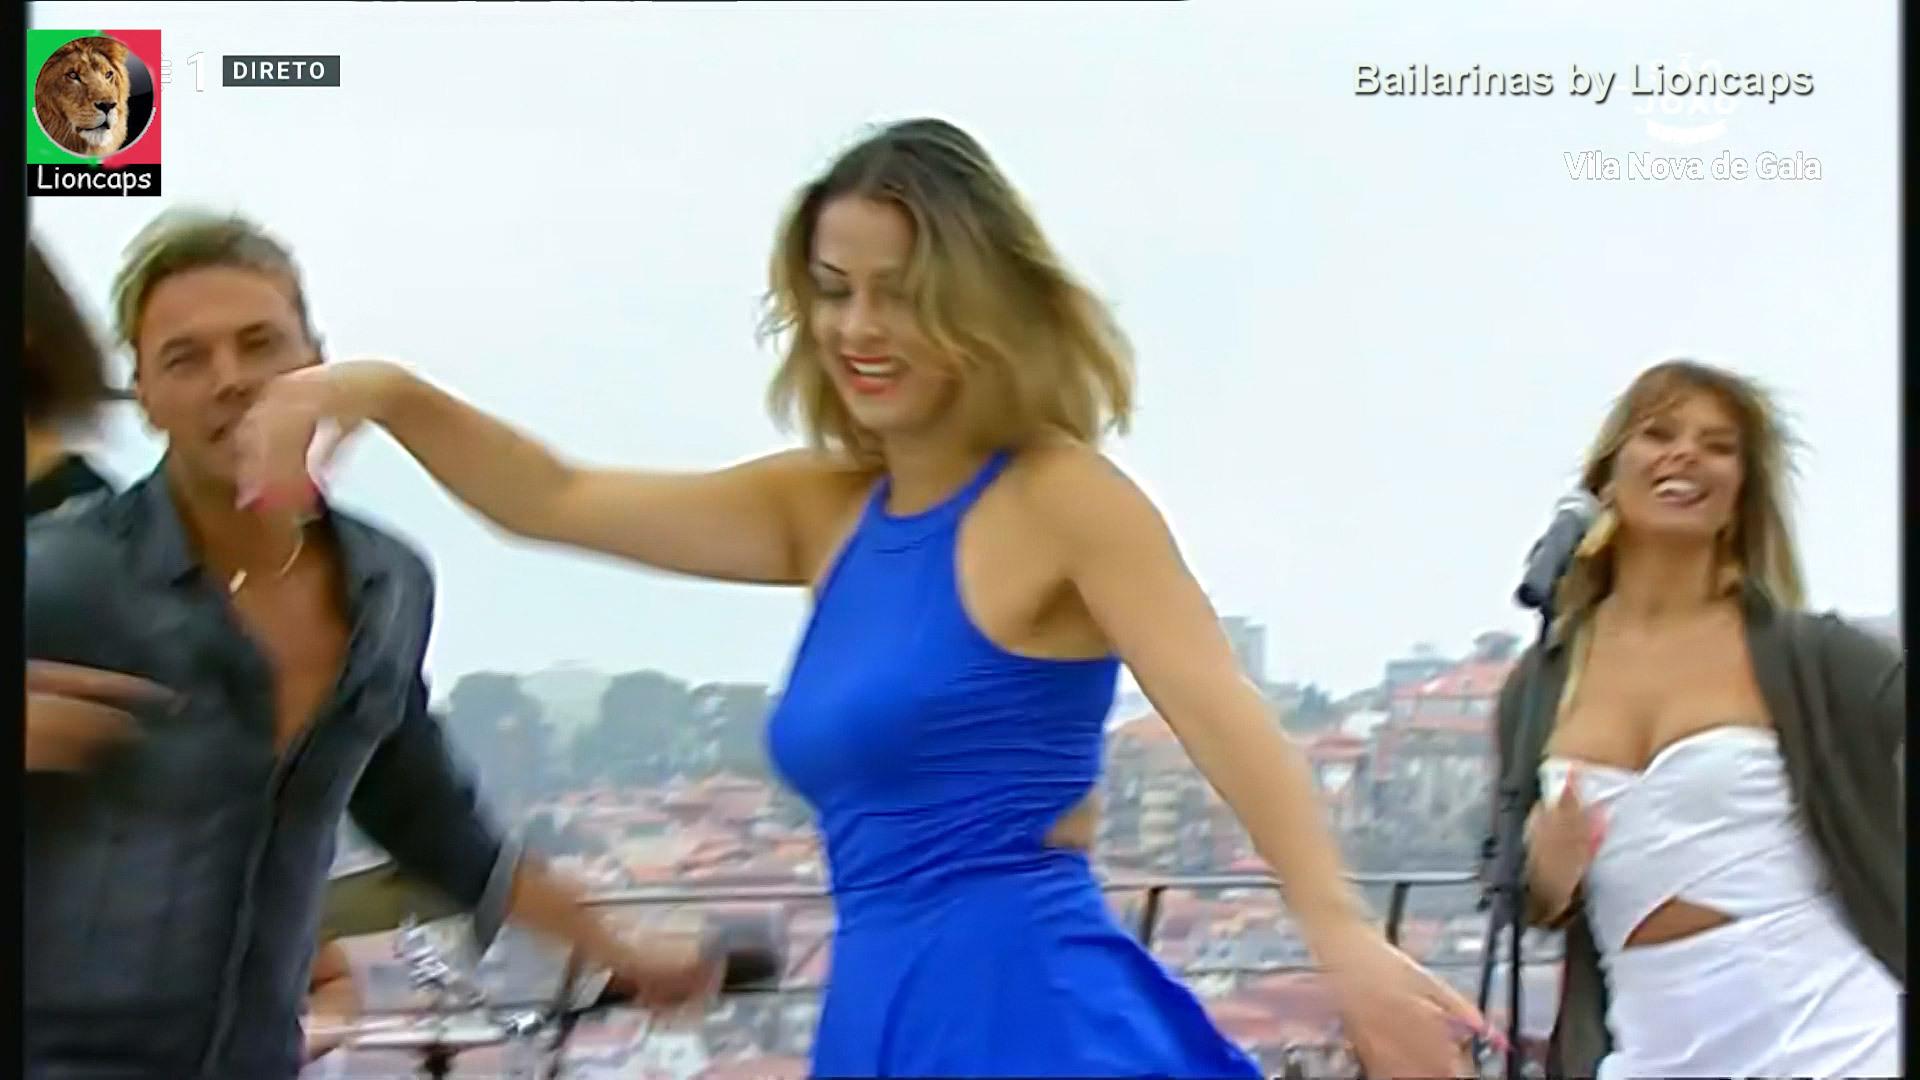 bailarinas (130).jpg